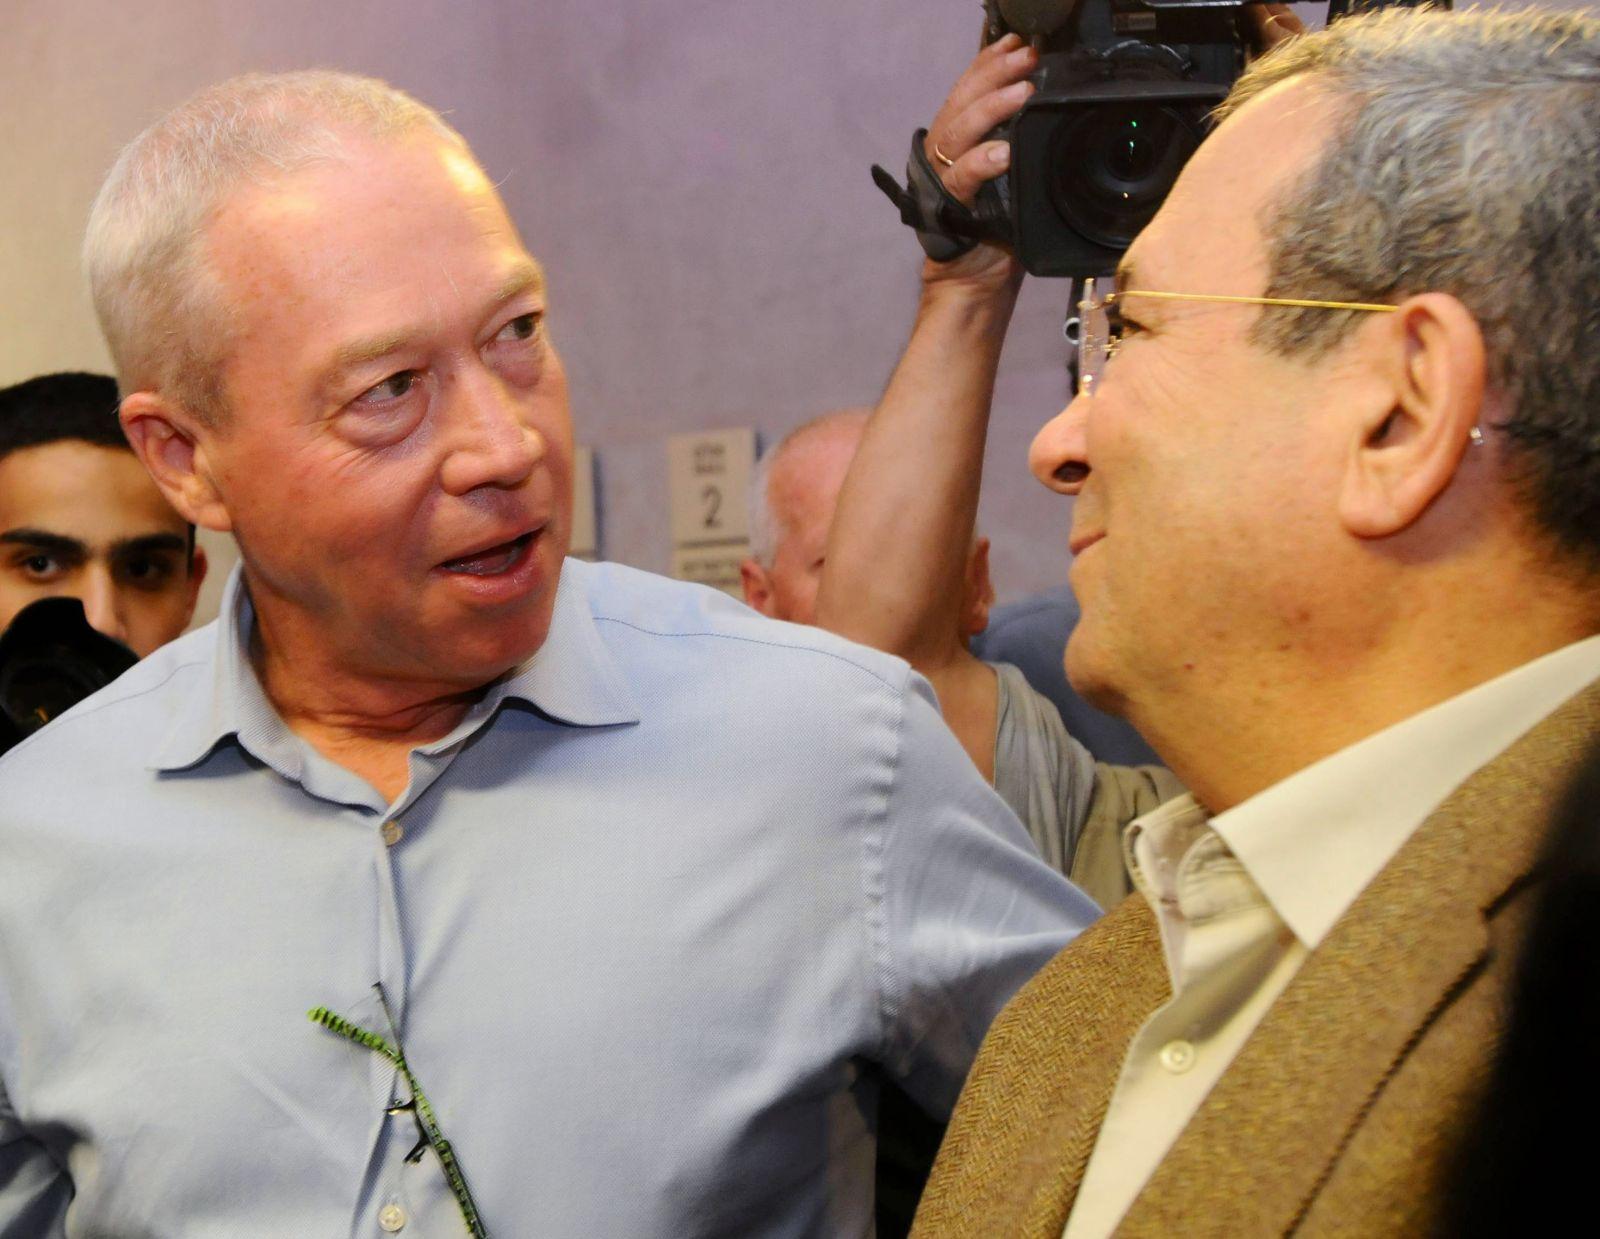 יואב גלנט עם אהוד ברק באירוע לרגל פרישתו ממשרד הביטחון, 14.3.13 (צילום: יוסי זליגר)